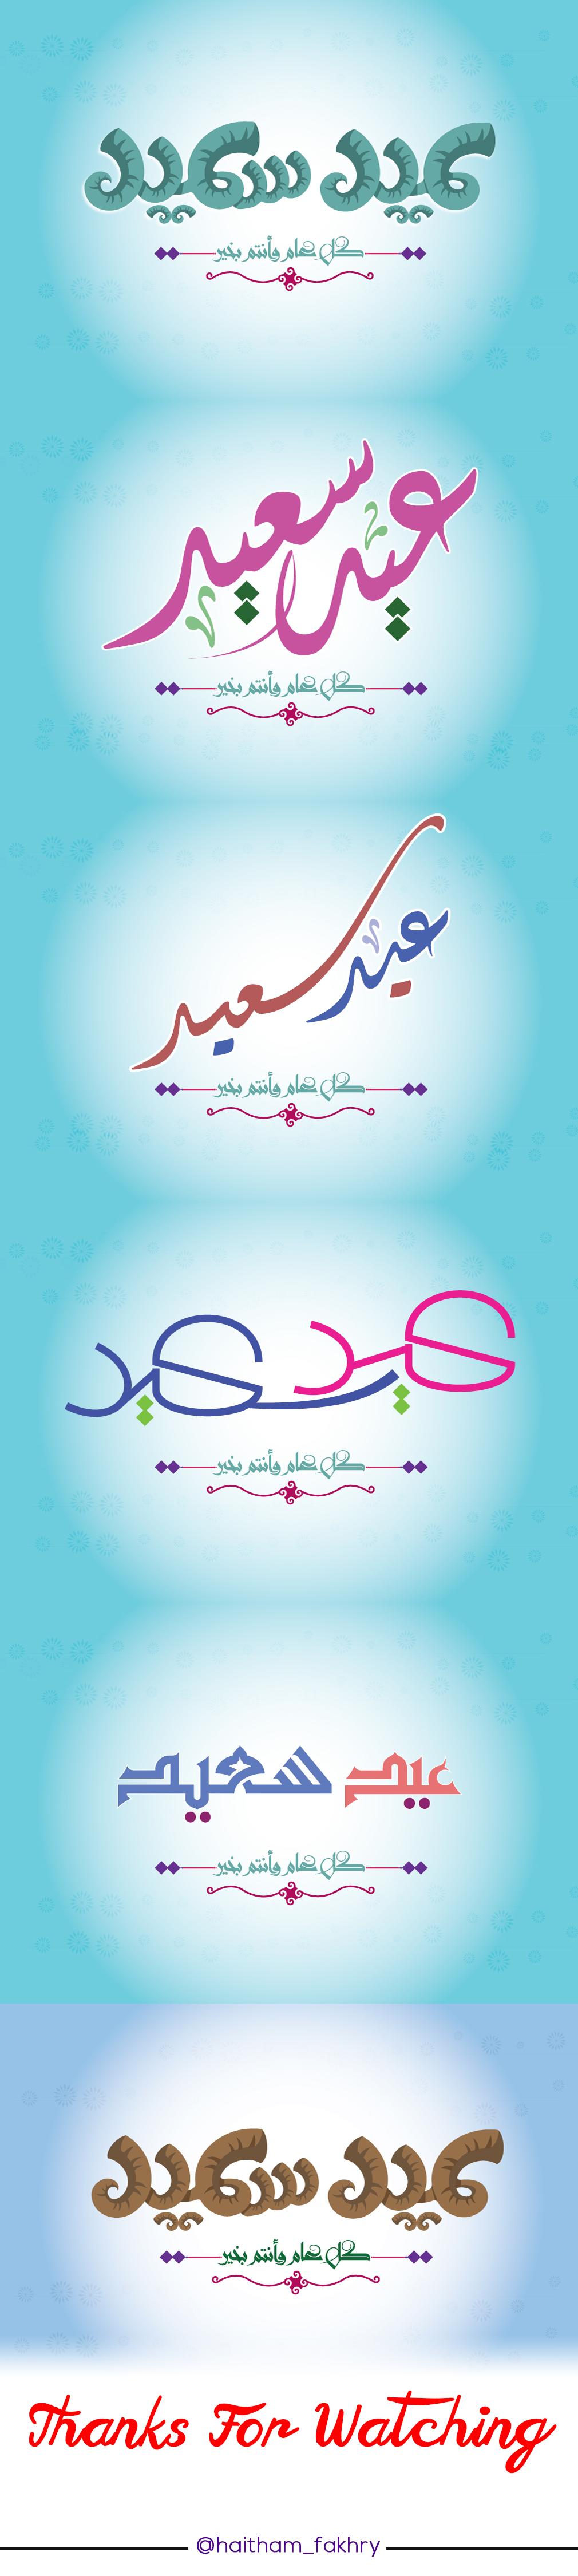 مخطوطات العيد ٢٠١٨ . مخطوطات عيد الاضحى مجانا  1da47556102035.59a02841e4f45